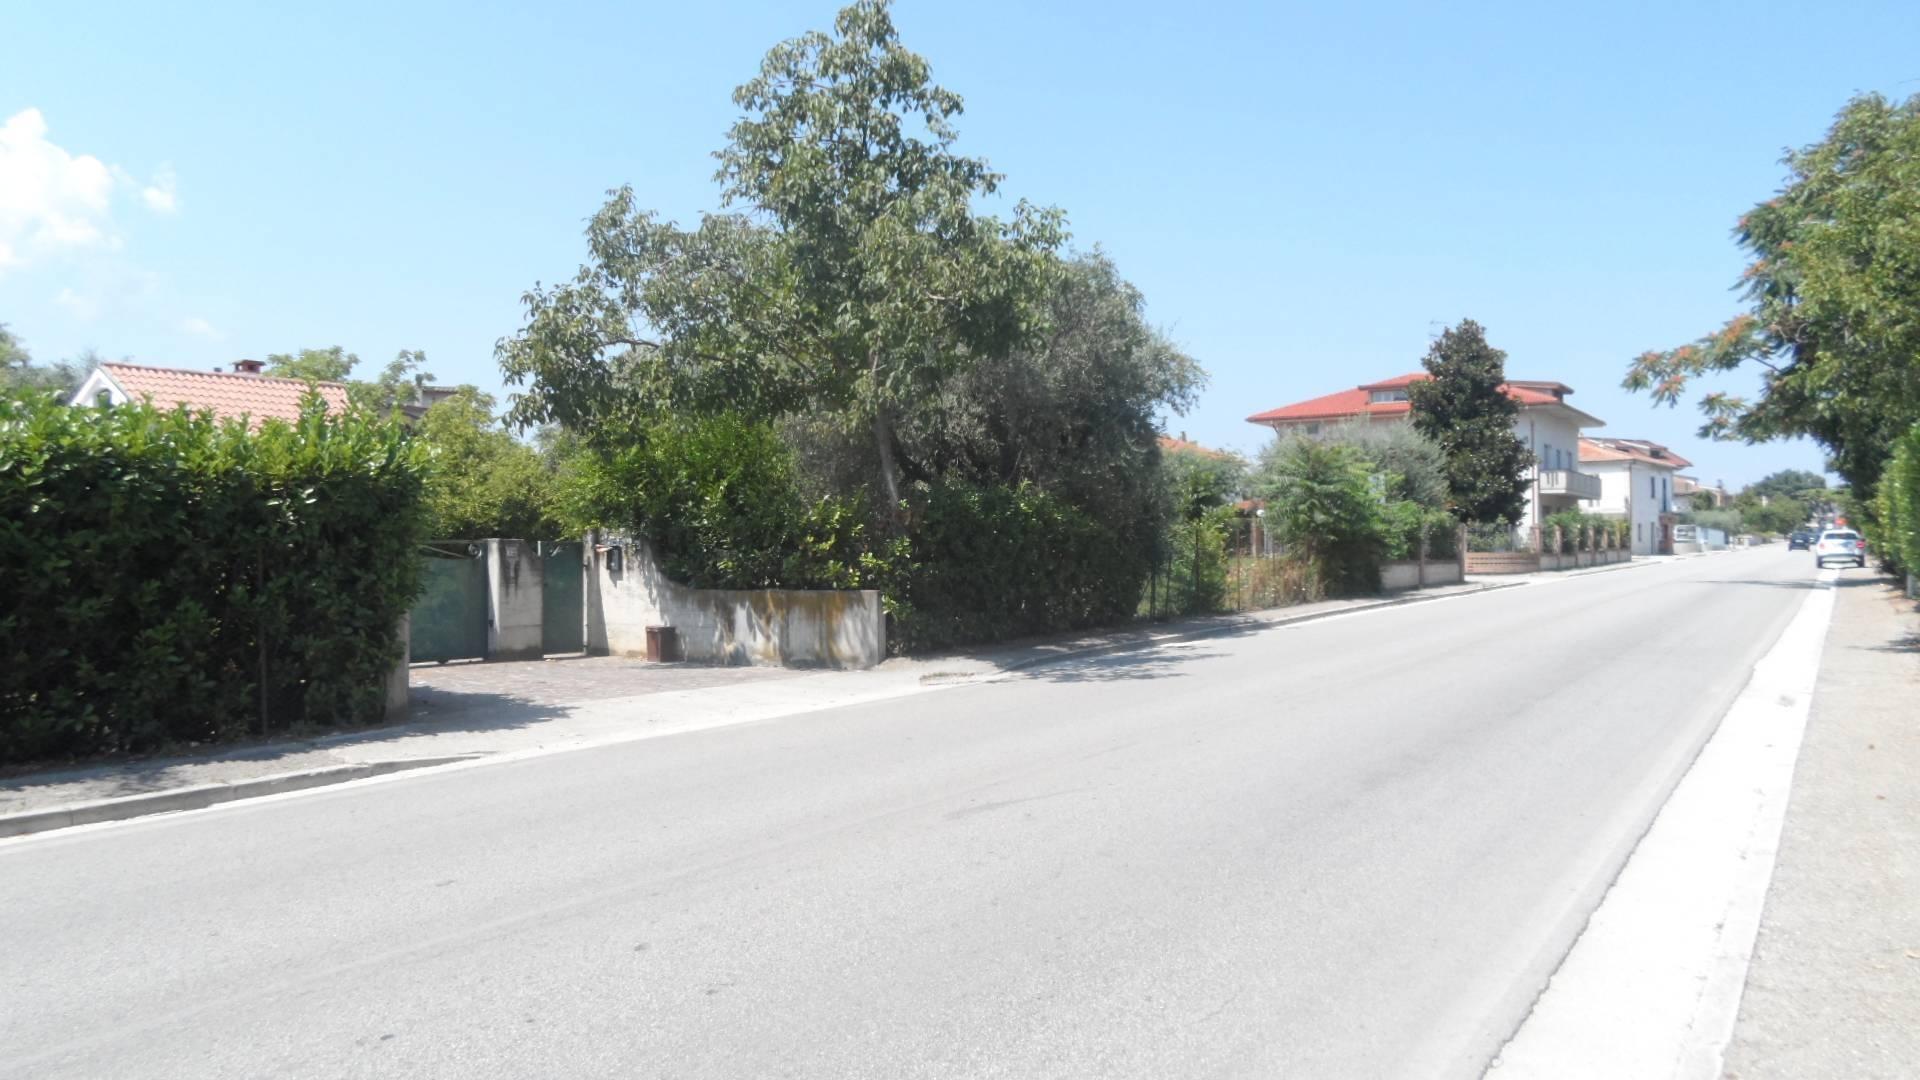 Terreno Edificabile Residenziale in vendita a Sant'Egidio alla Vibrata, 9999 locali, zona Zona: Paolantonio, prezzo € 120.000 | CambioCasa.it